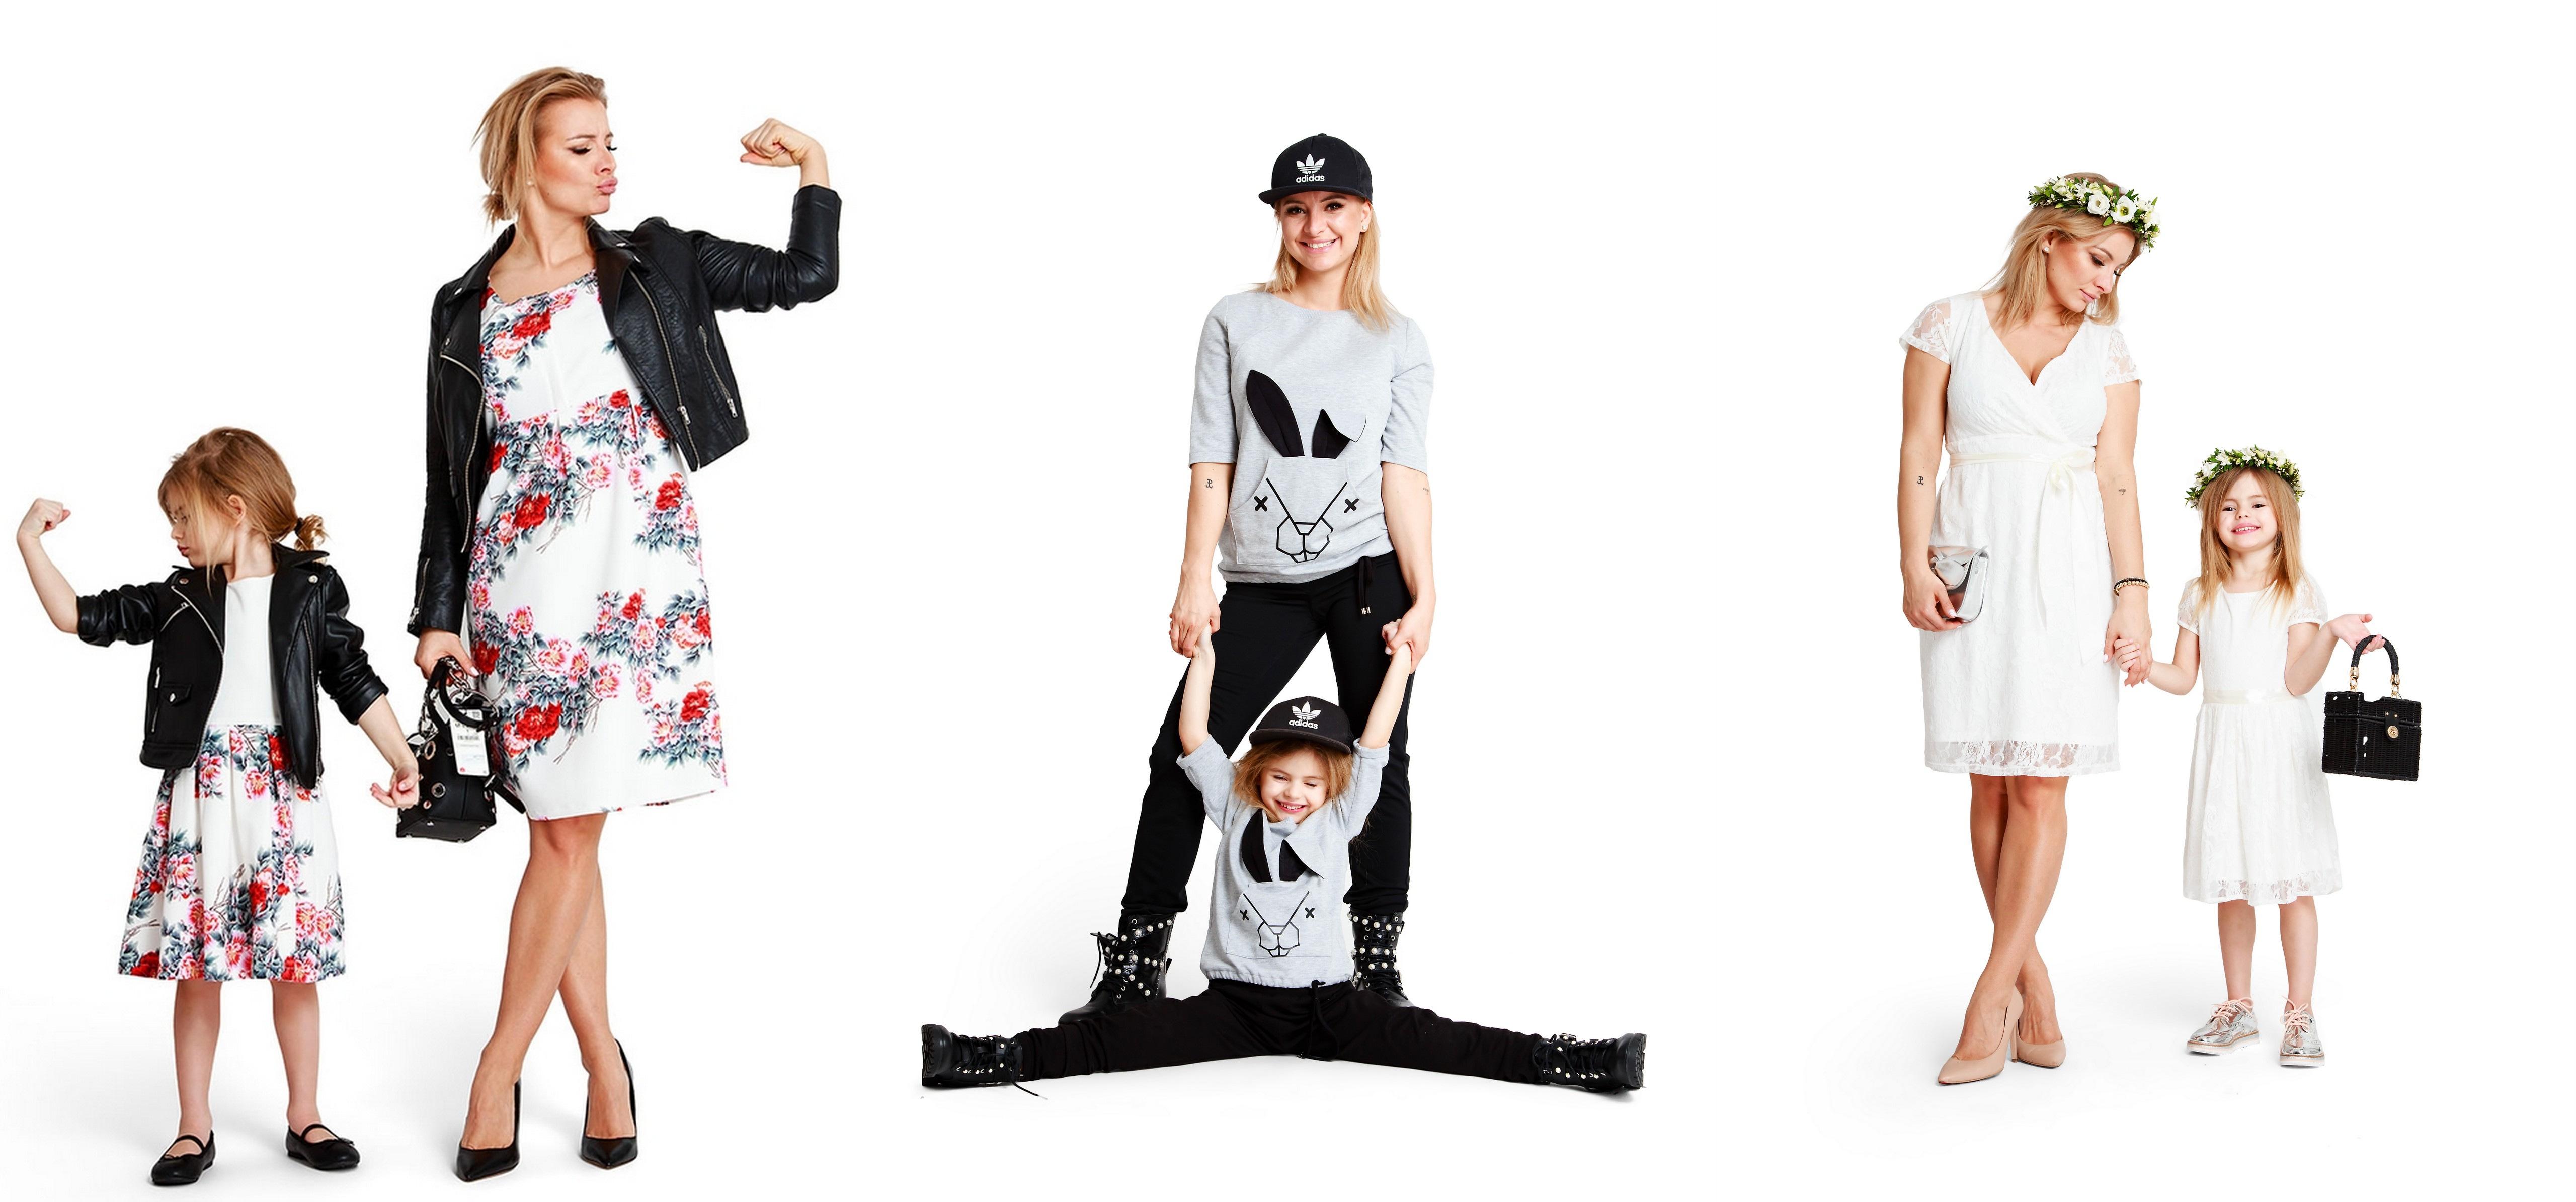 2da4d4ee85 Gdzie kupić fajne ubrania dla dzieci  - Mamy-mamom.pl